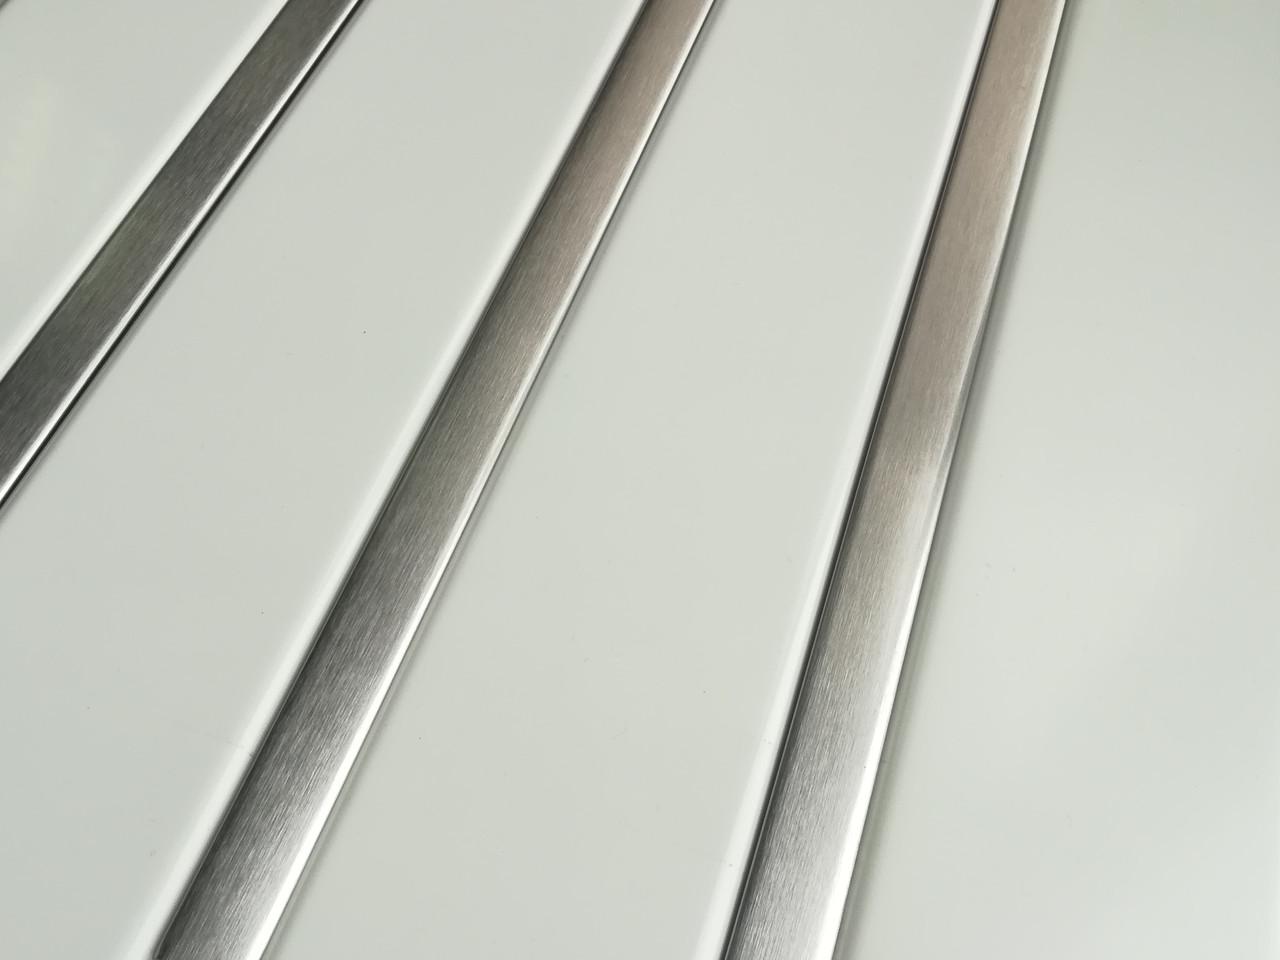 Реечный алюминиевый потолок Allux белый матовый - нержавейка сатин комплект 300 см х 330 см